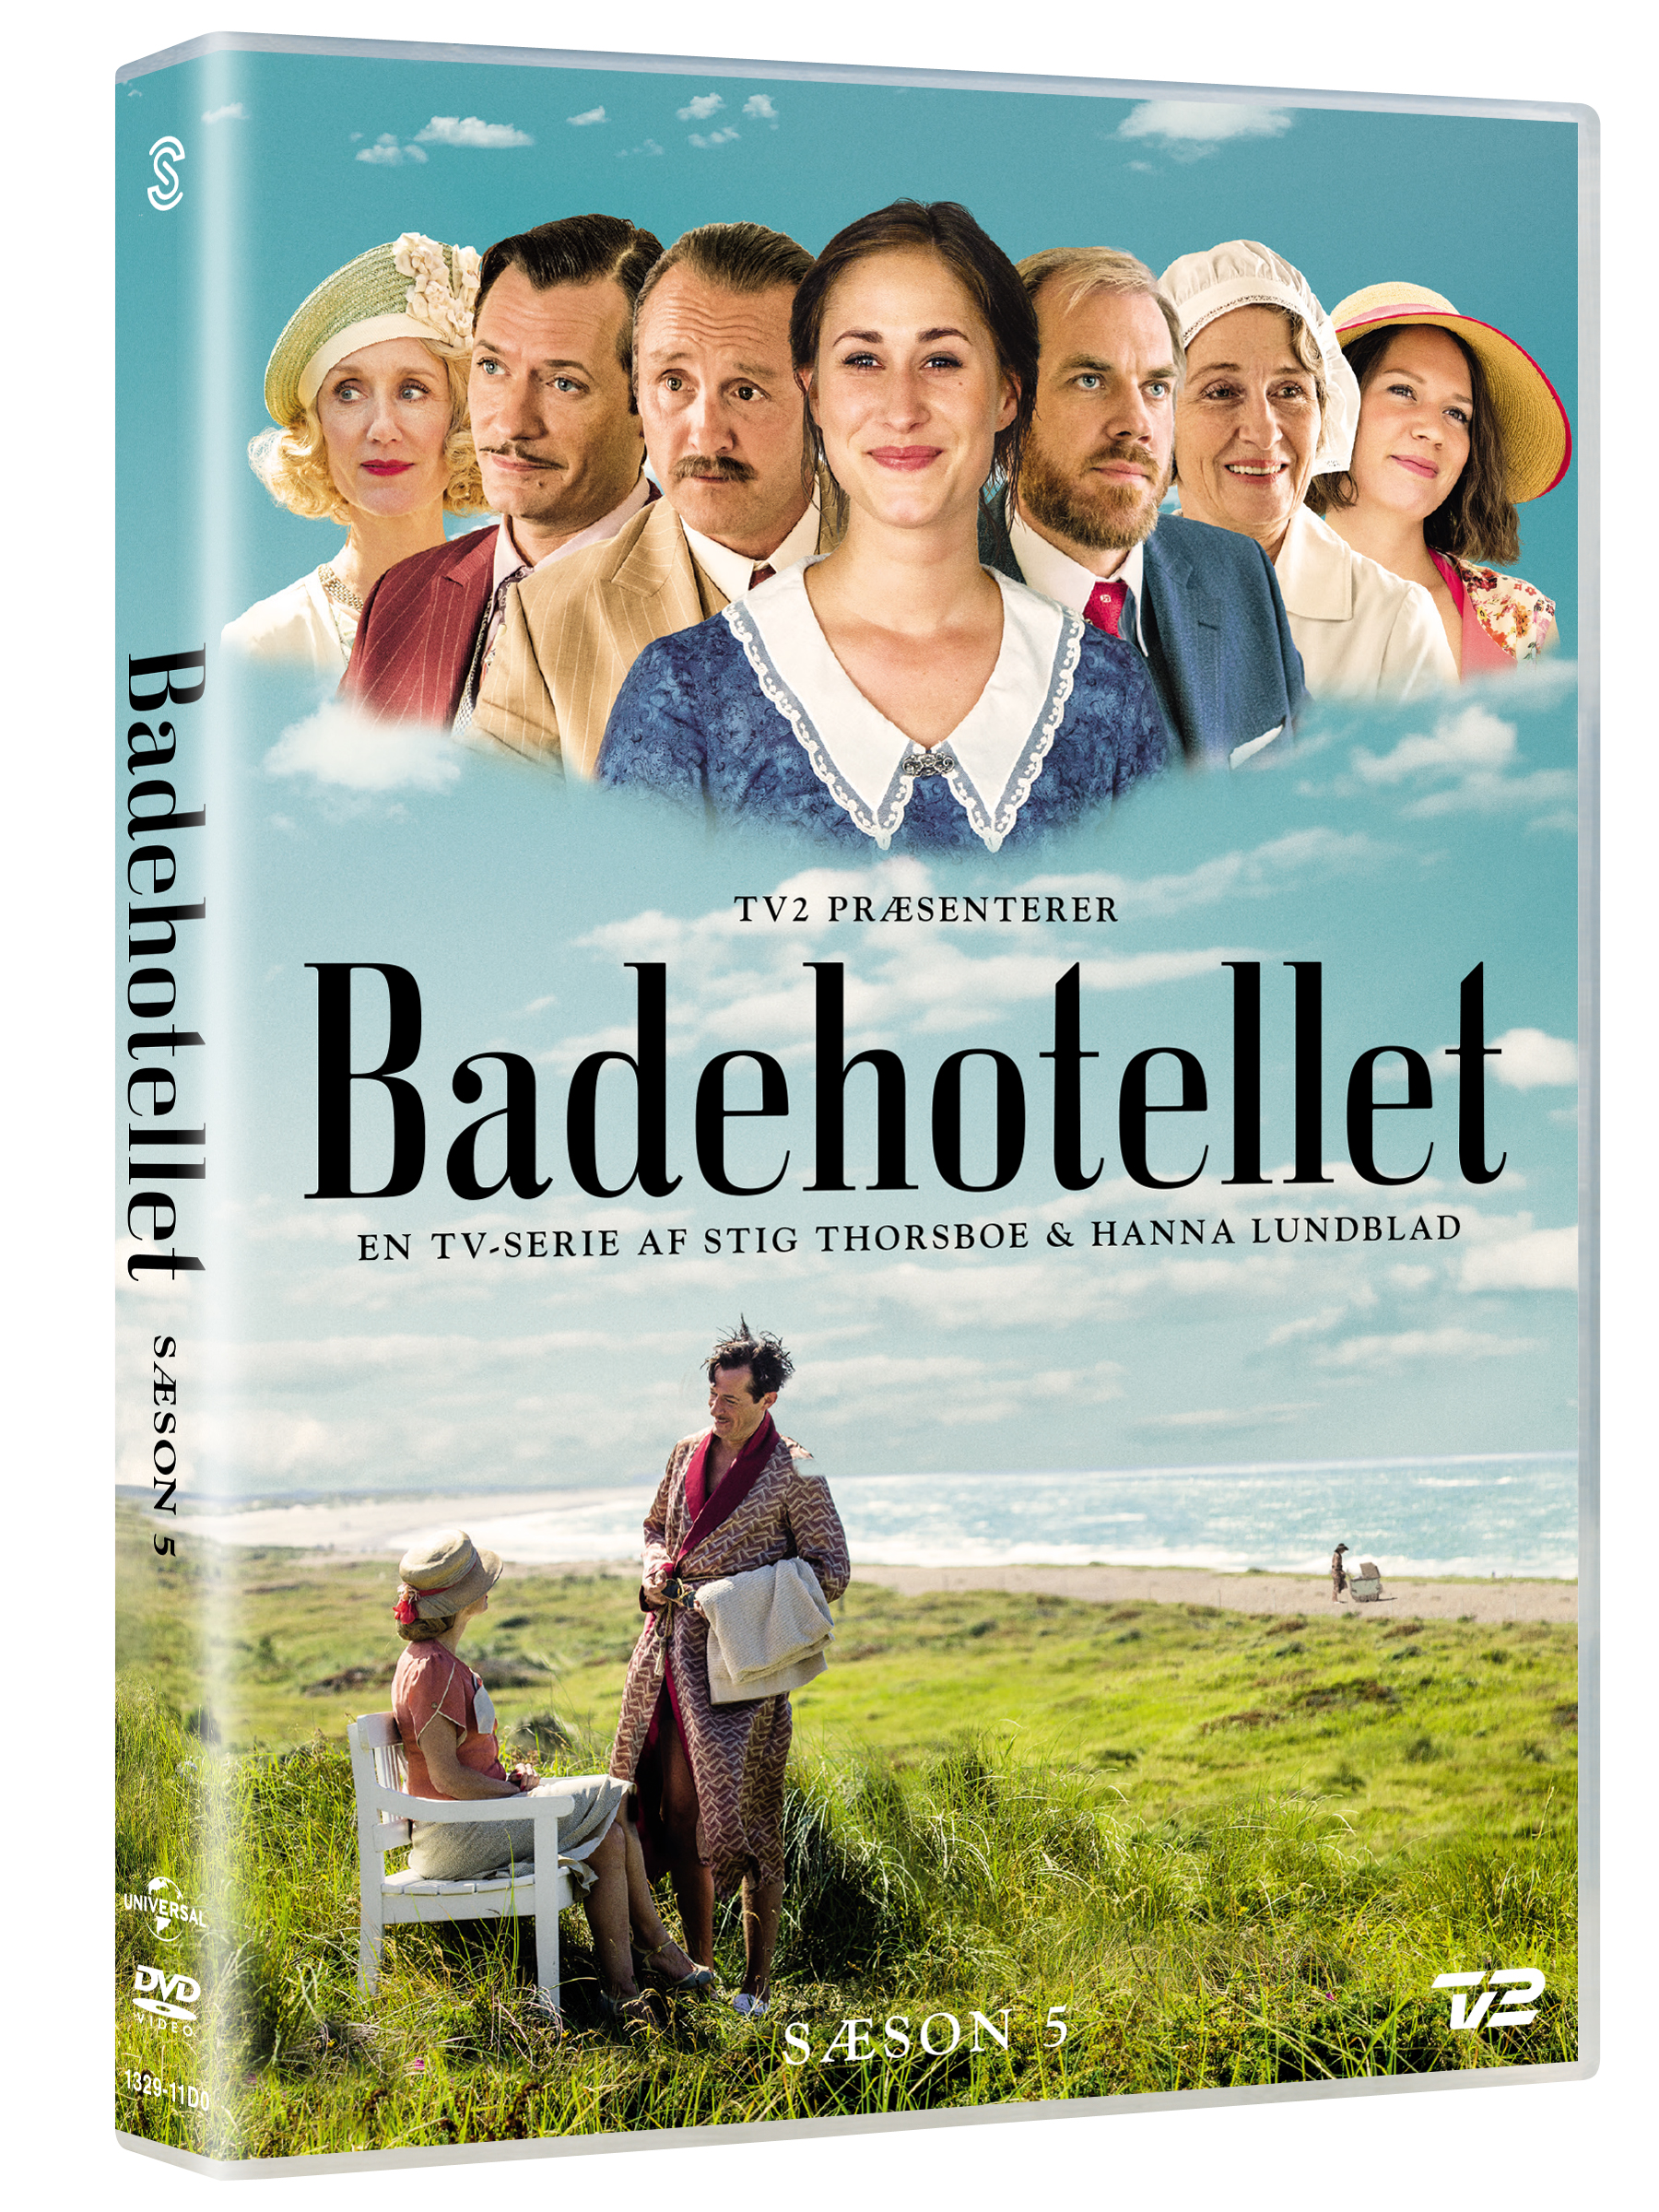 Badehotellet - Sæson 5 - Badehotellet - Film - JV-UPN - 5706169001081 - 17/5-2018